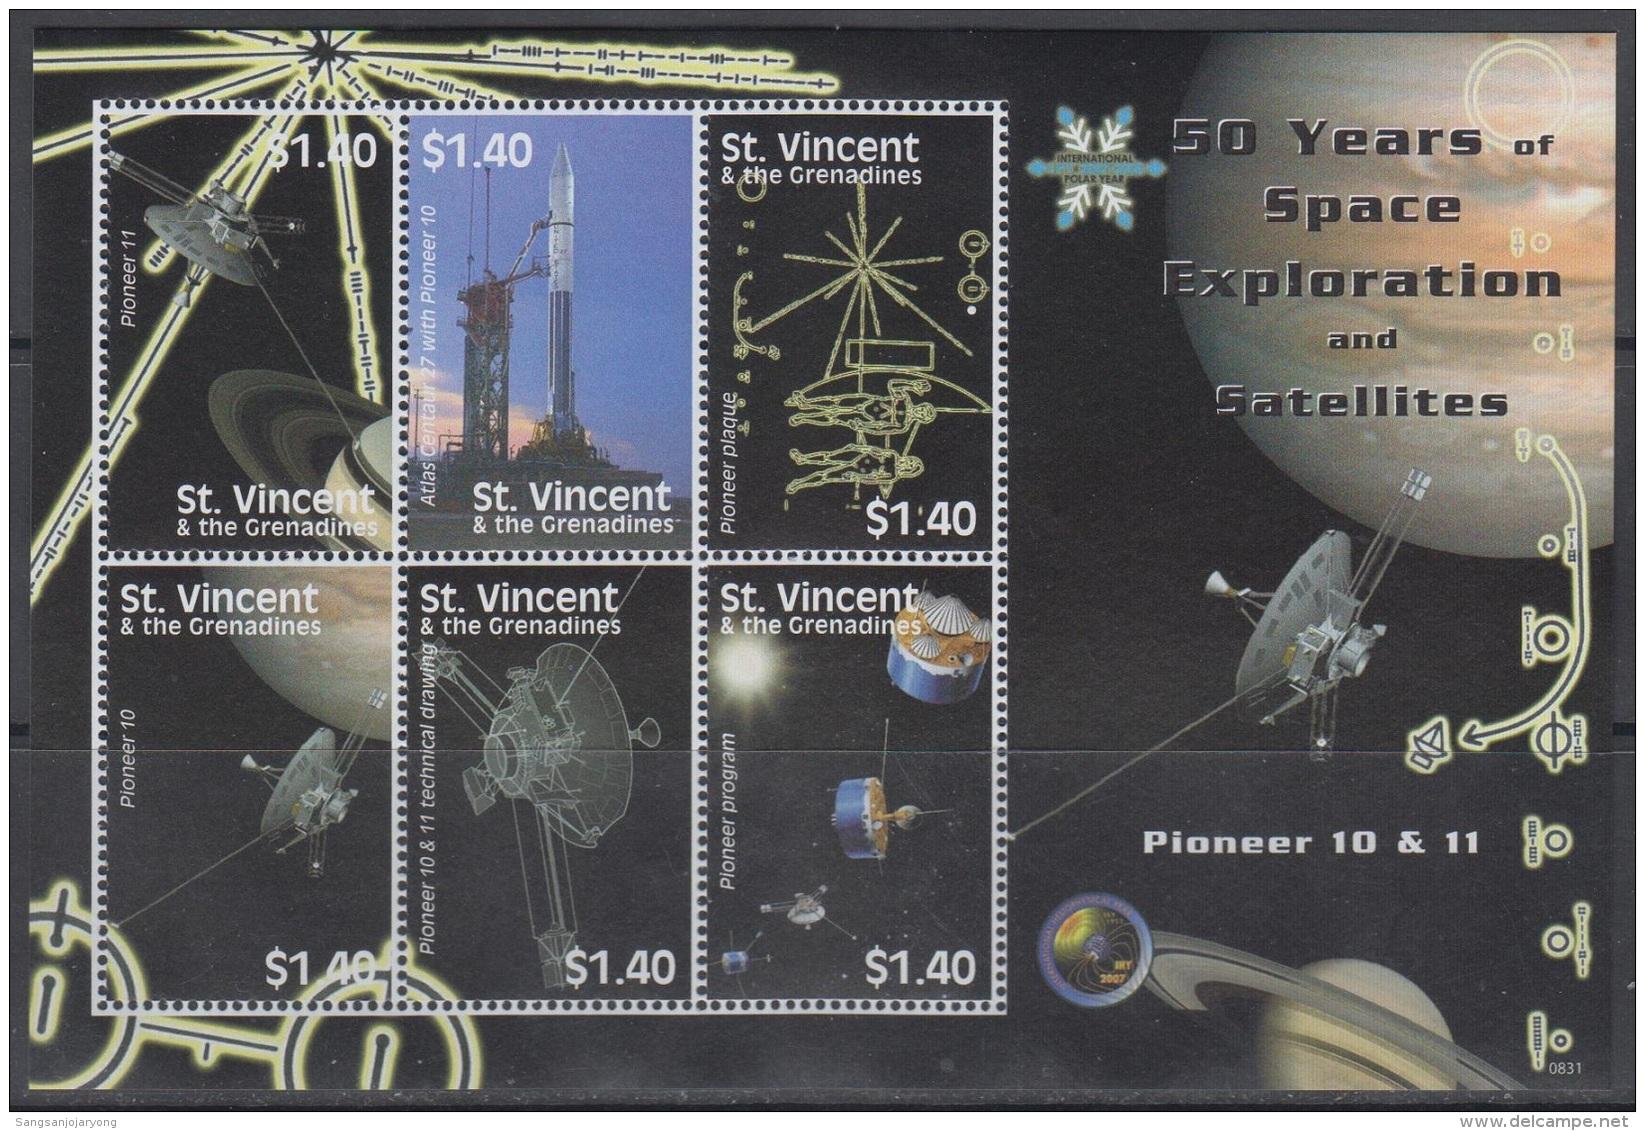 Sheet II, St. Vincent Sc3641 Space Exploration, Satellite, Pioneer 10, Pioneer 11, Rocket, Espace - Space